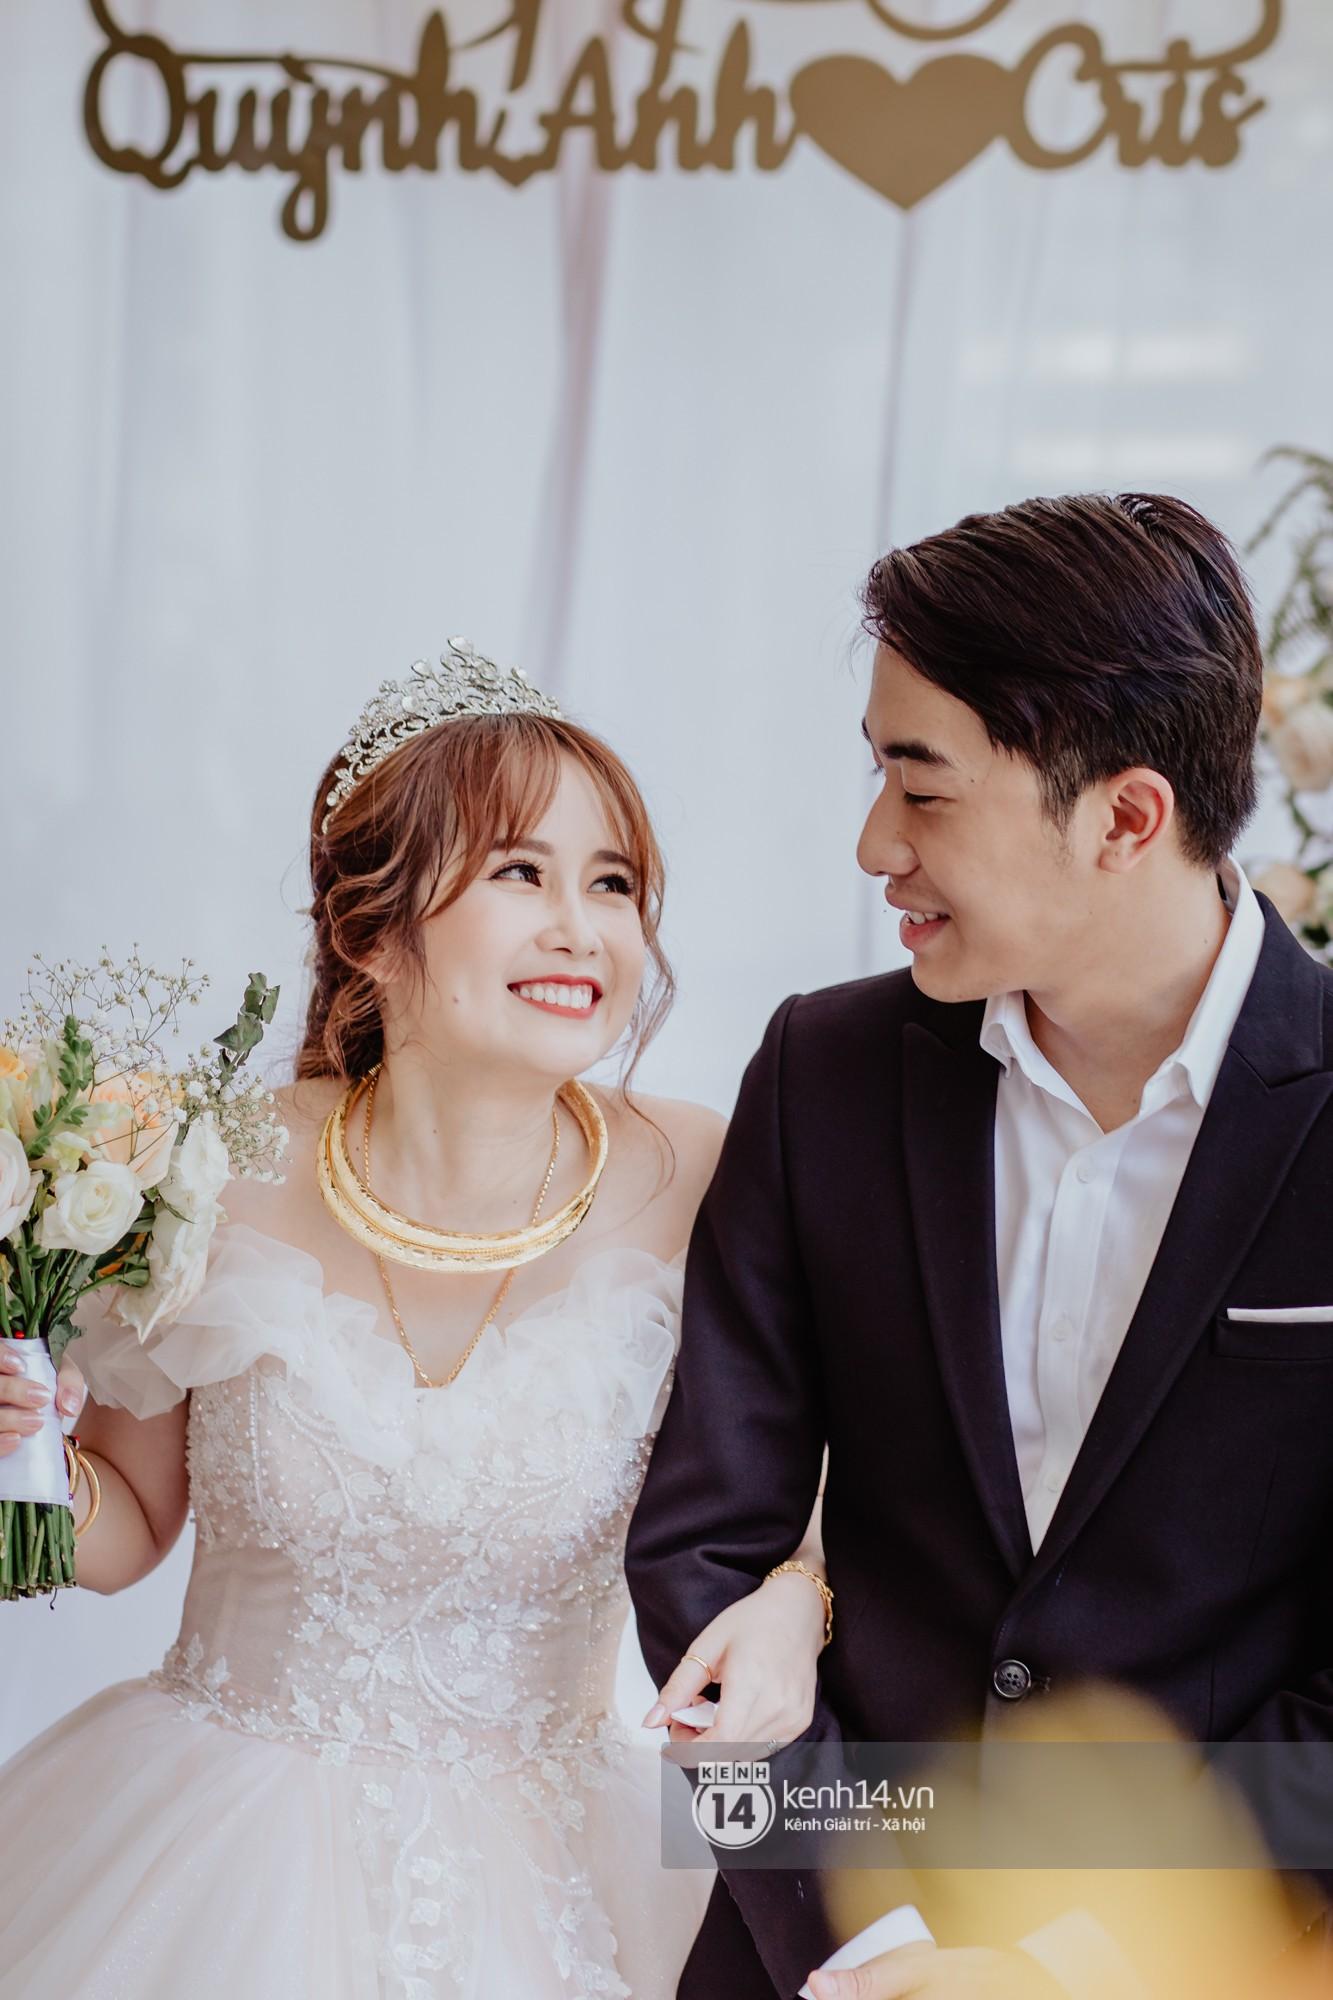 Trước khi kết hôn, Cris Phan từng ra mắt bạn gái ở 2 show thực tế cực đáng yêu! - Ảnh 1.